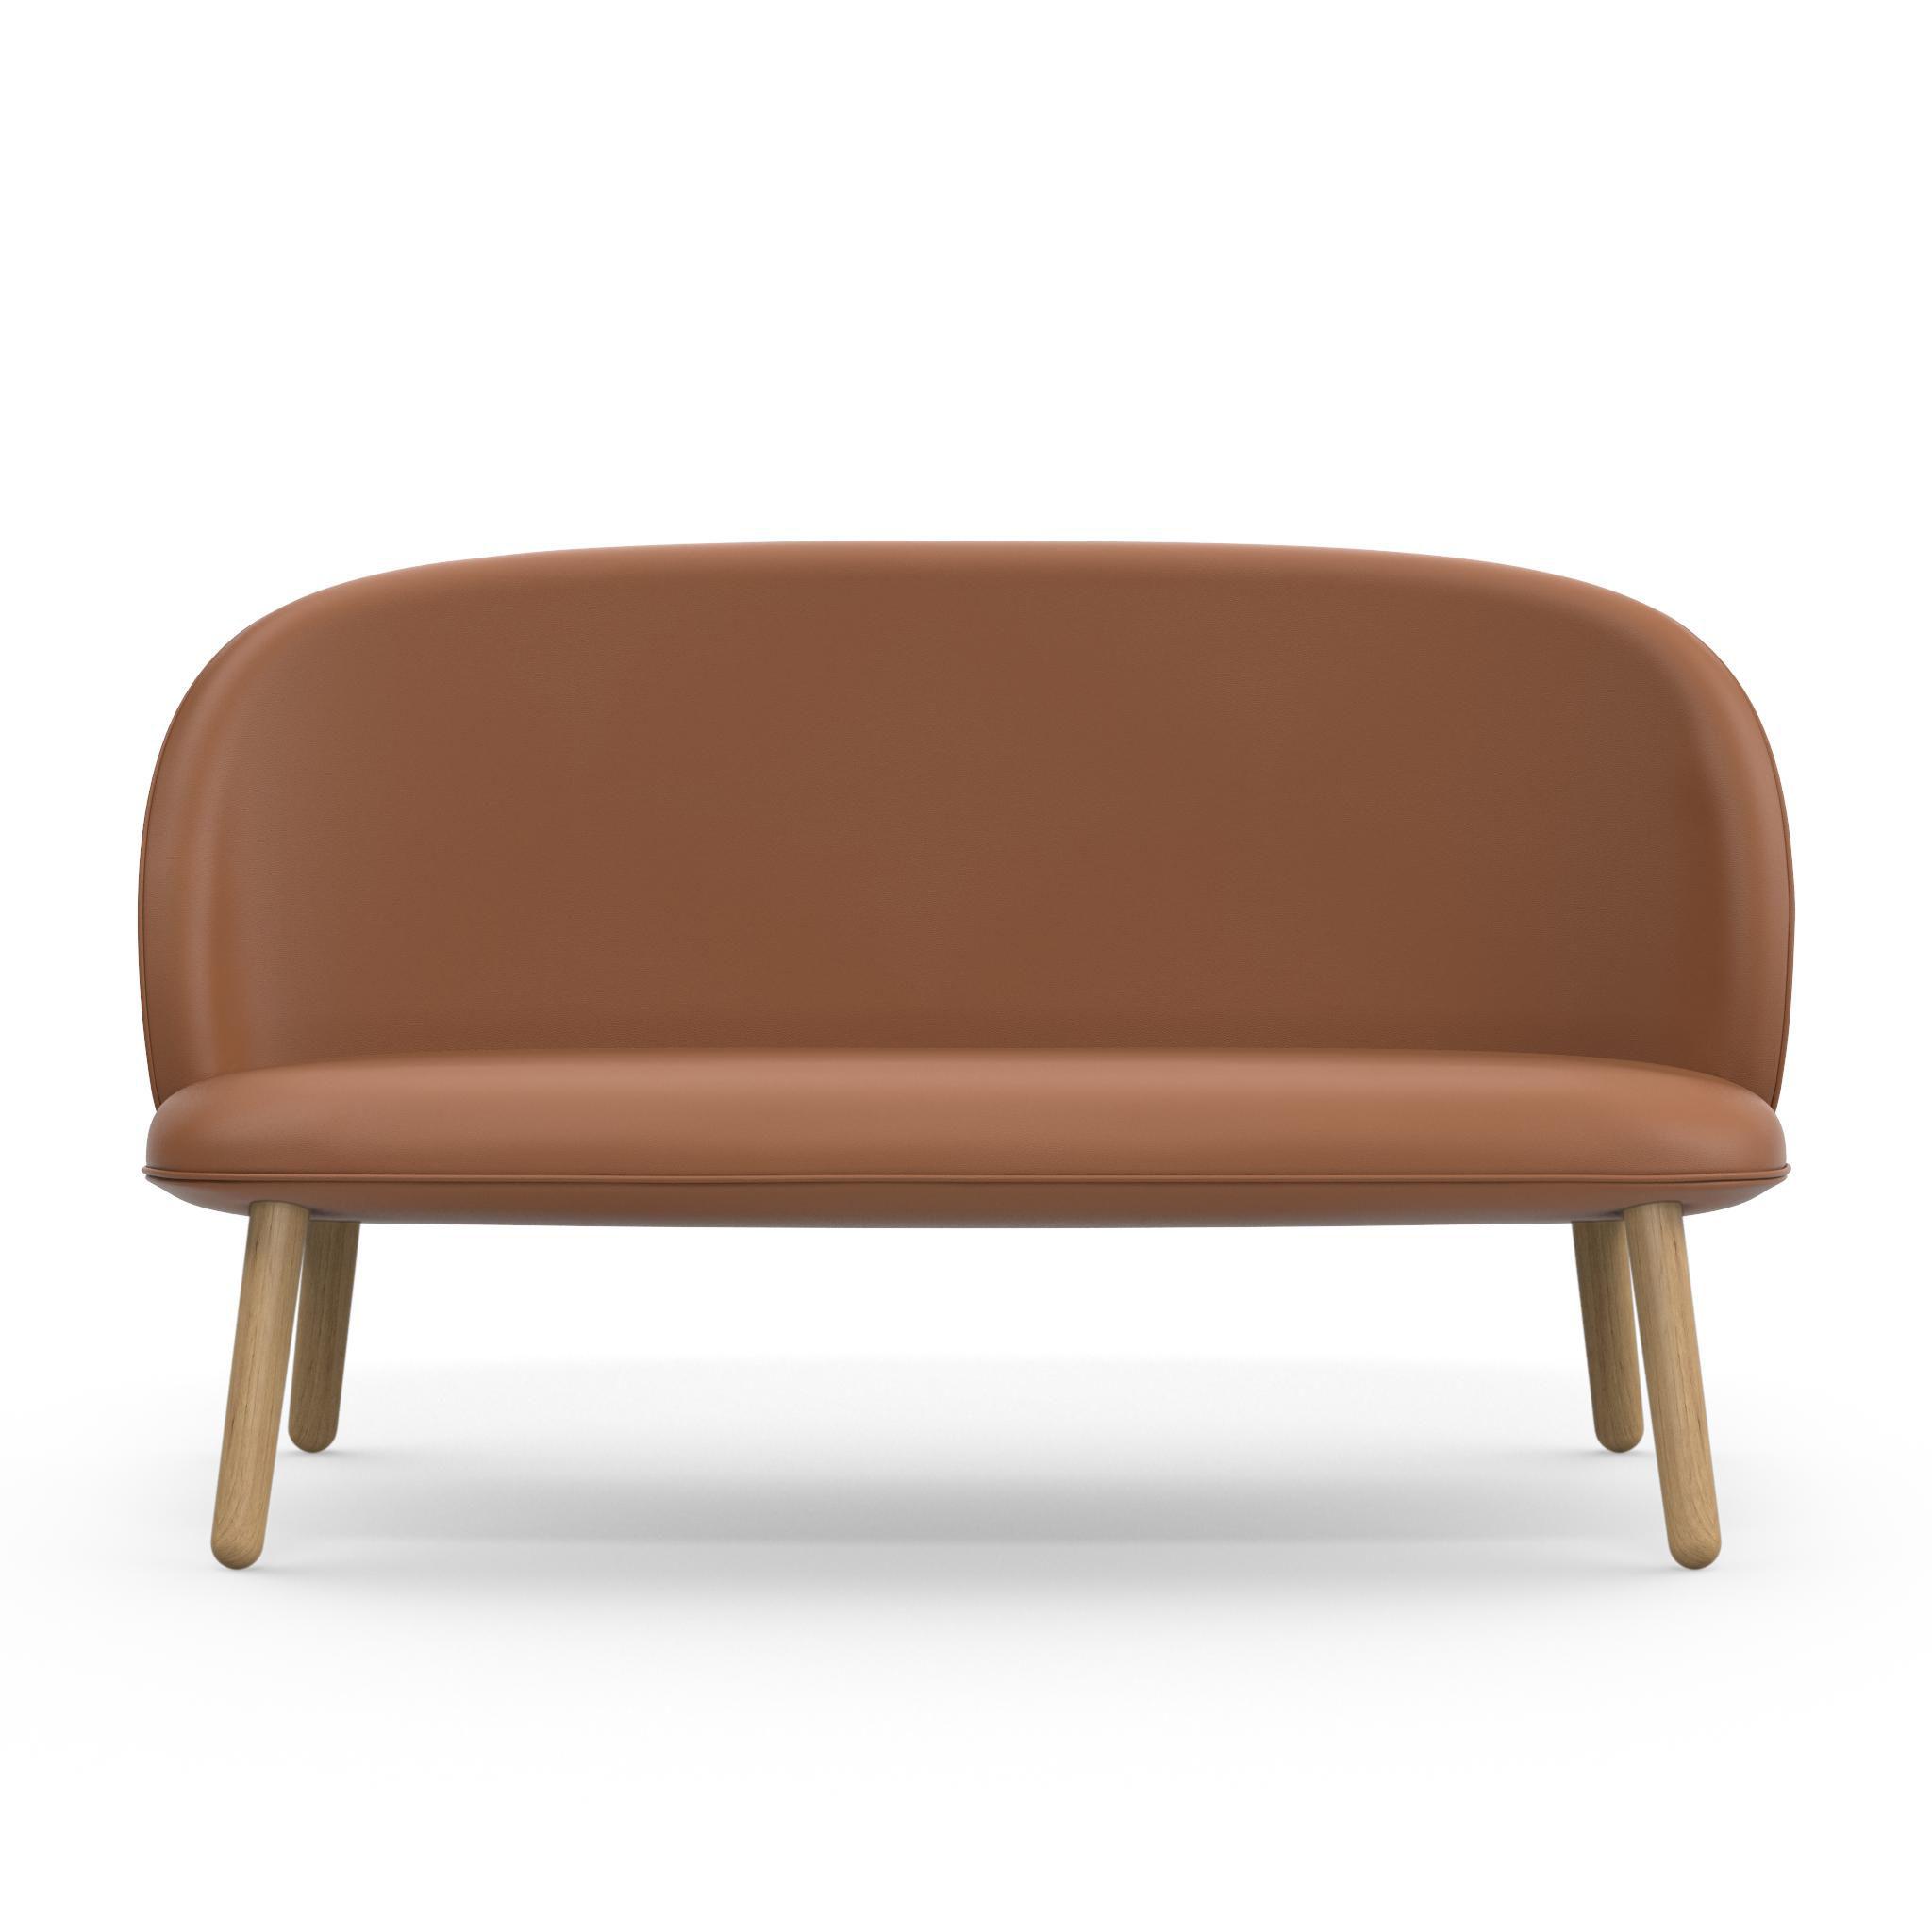 Canap droit ace 2 places l 145 cm cuir bois cuir - Canape made in design ...